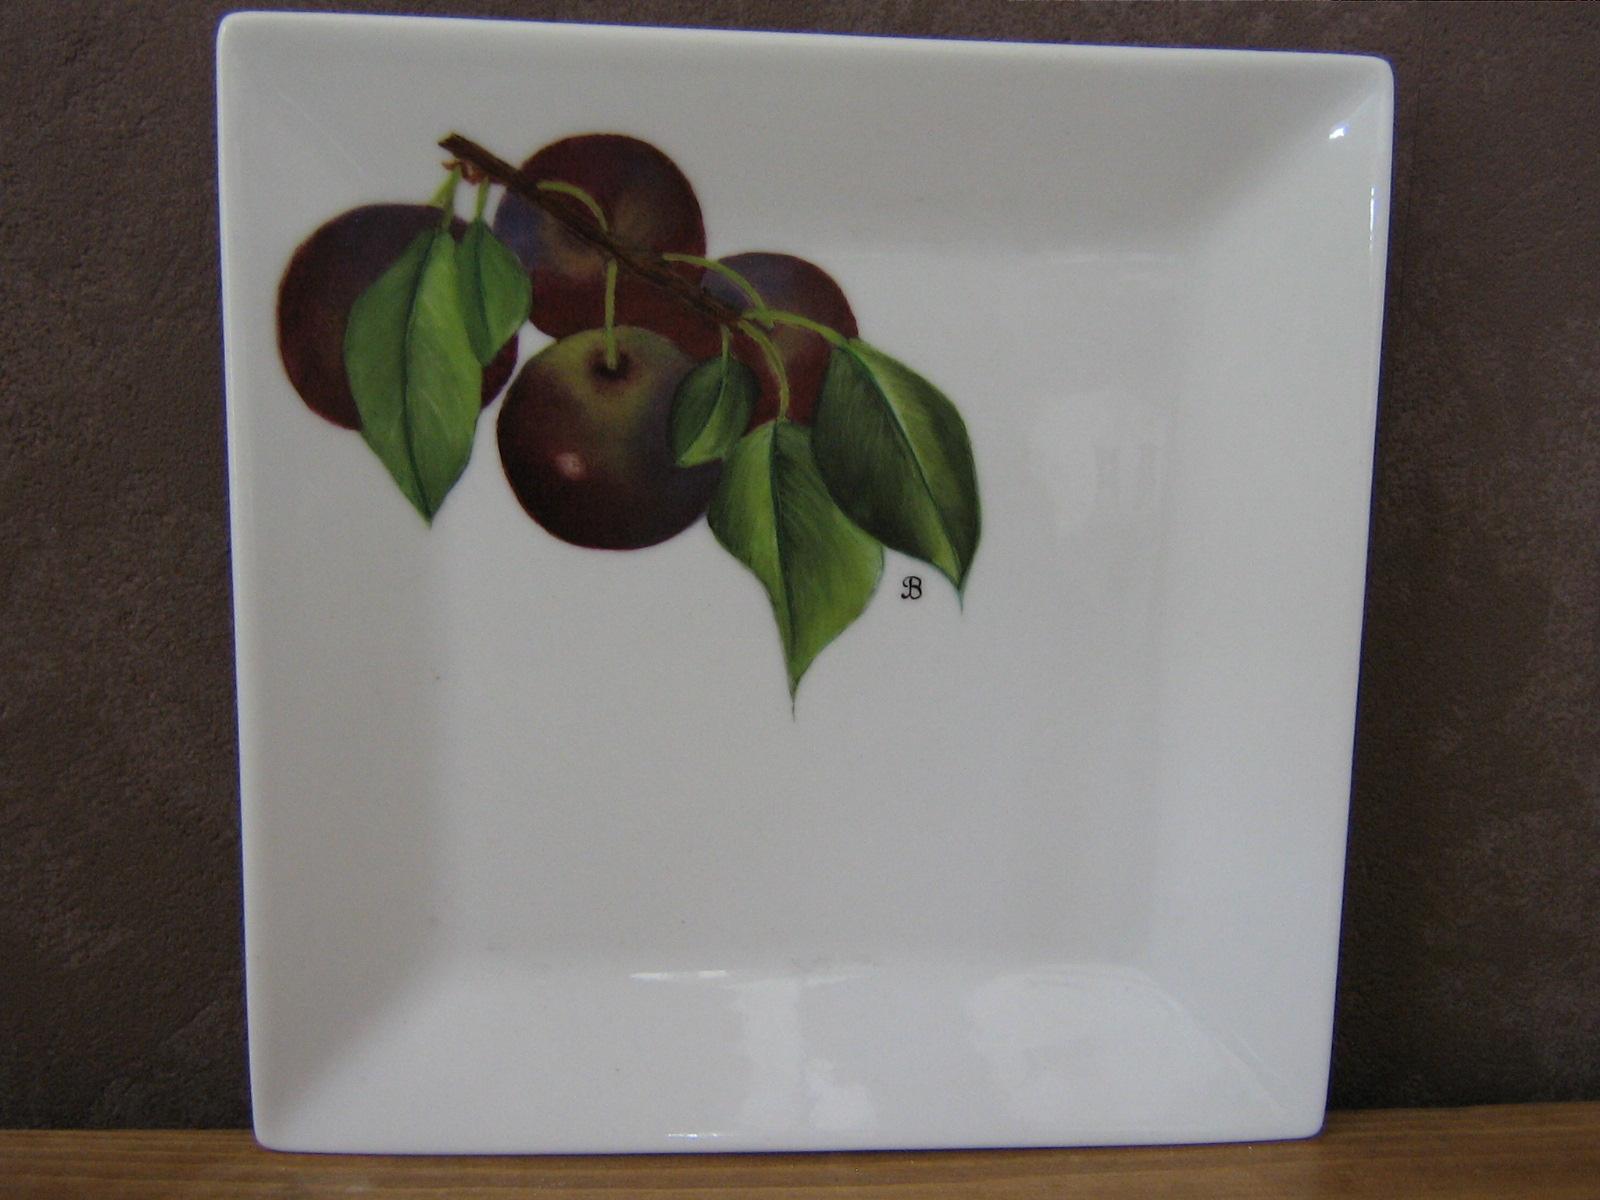 Assiette porcelaine carrée avec motif prunes noires - motif peint entièrement à la main